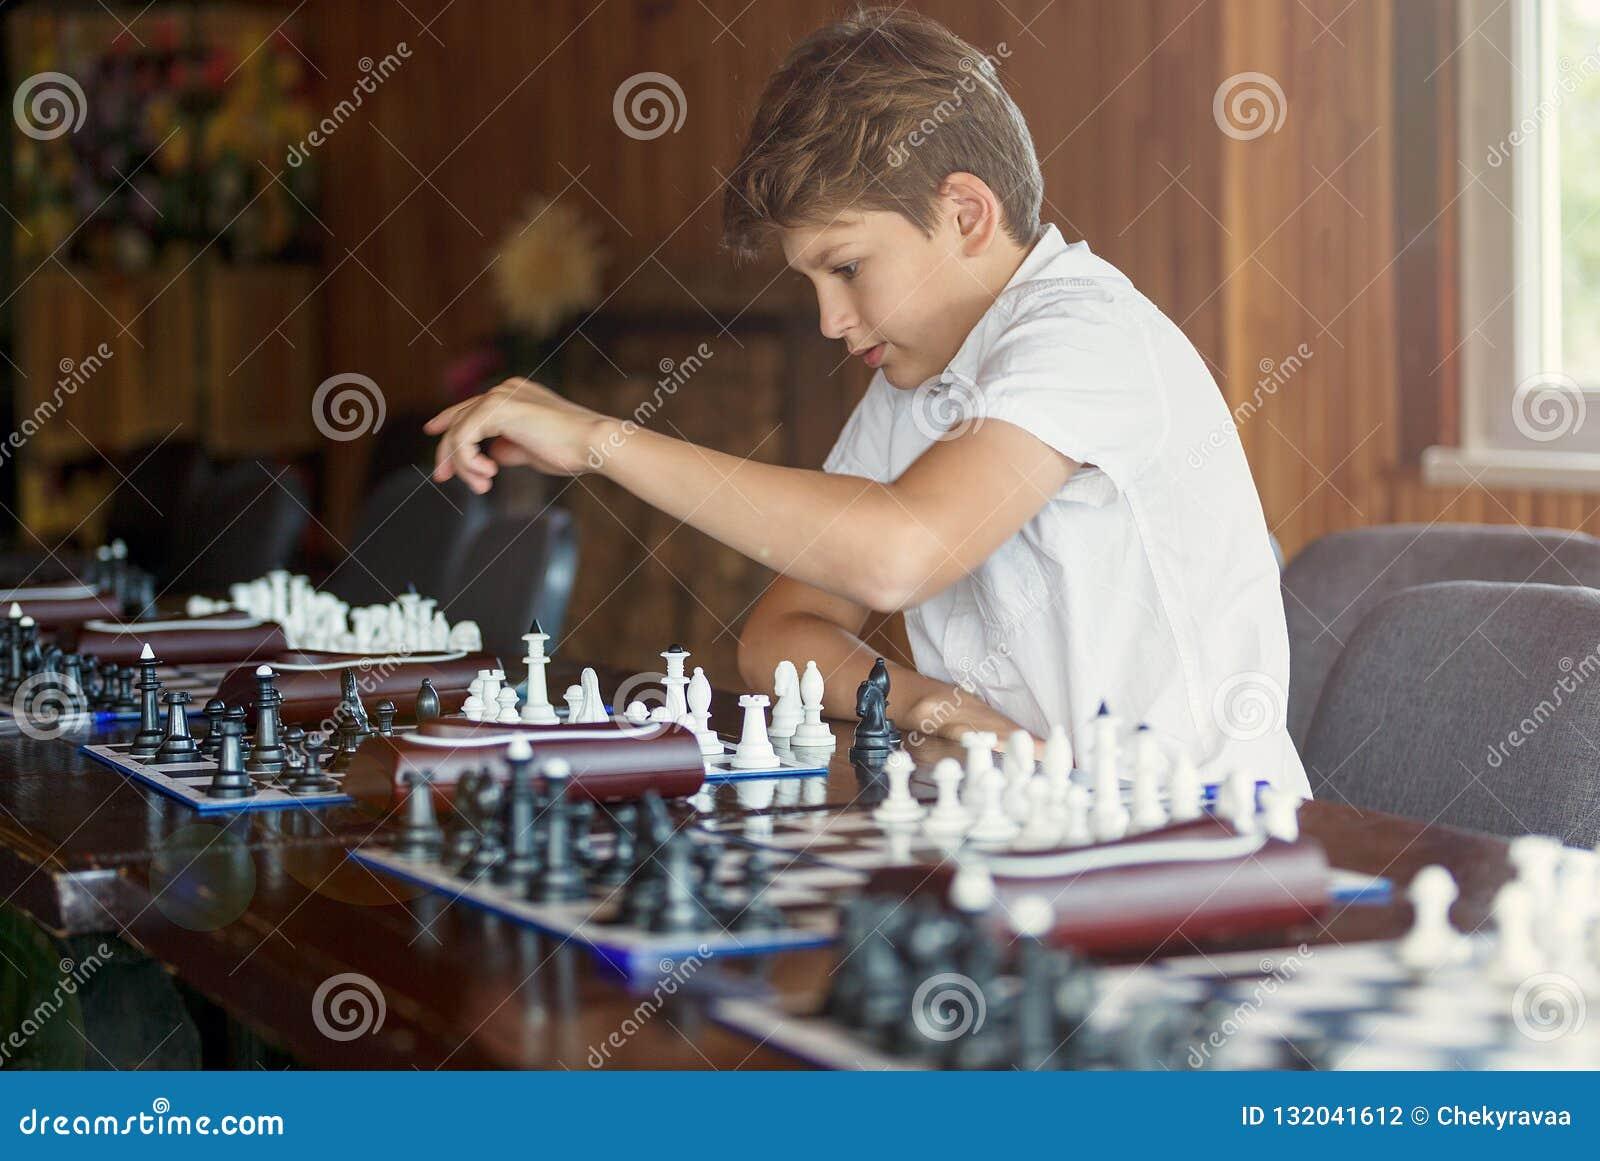 Nett, spielt Junge Schach mit hölzernem Schachbrett Schachturnier, Lektion, Lager, Training